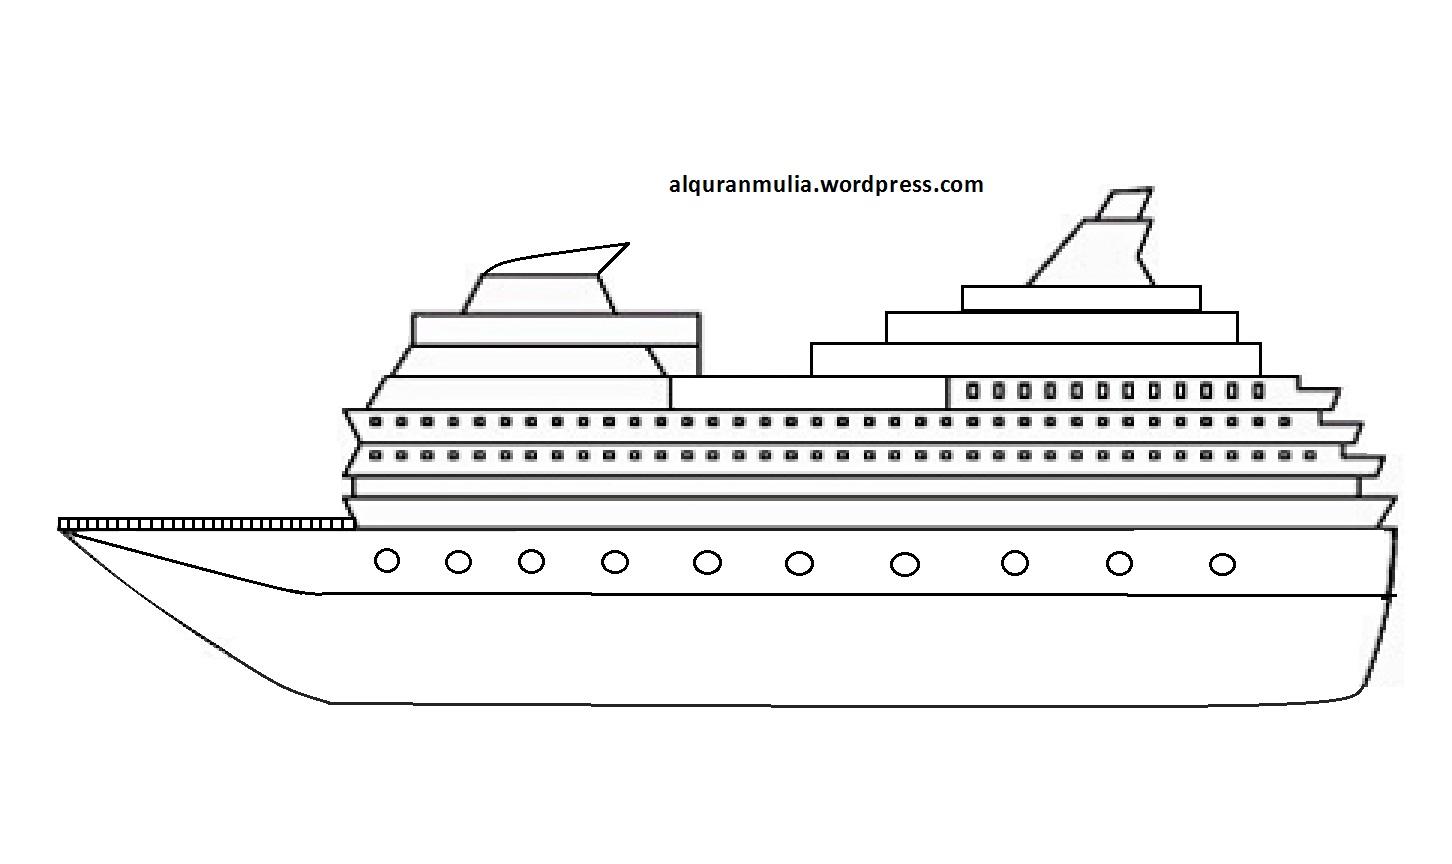 Mewarnai Gambar Kapal Laut 4 Anak Muslim Alqur Anmulia